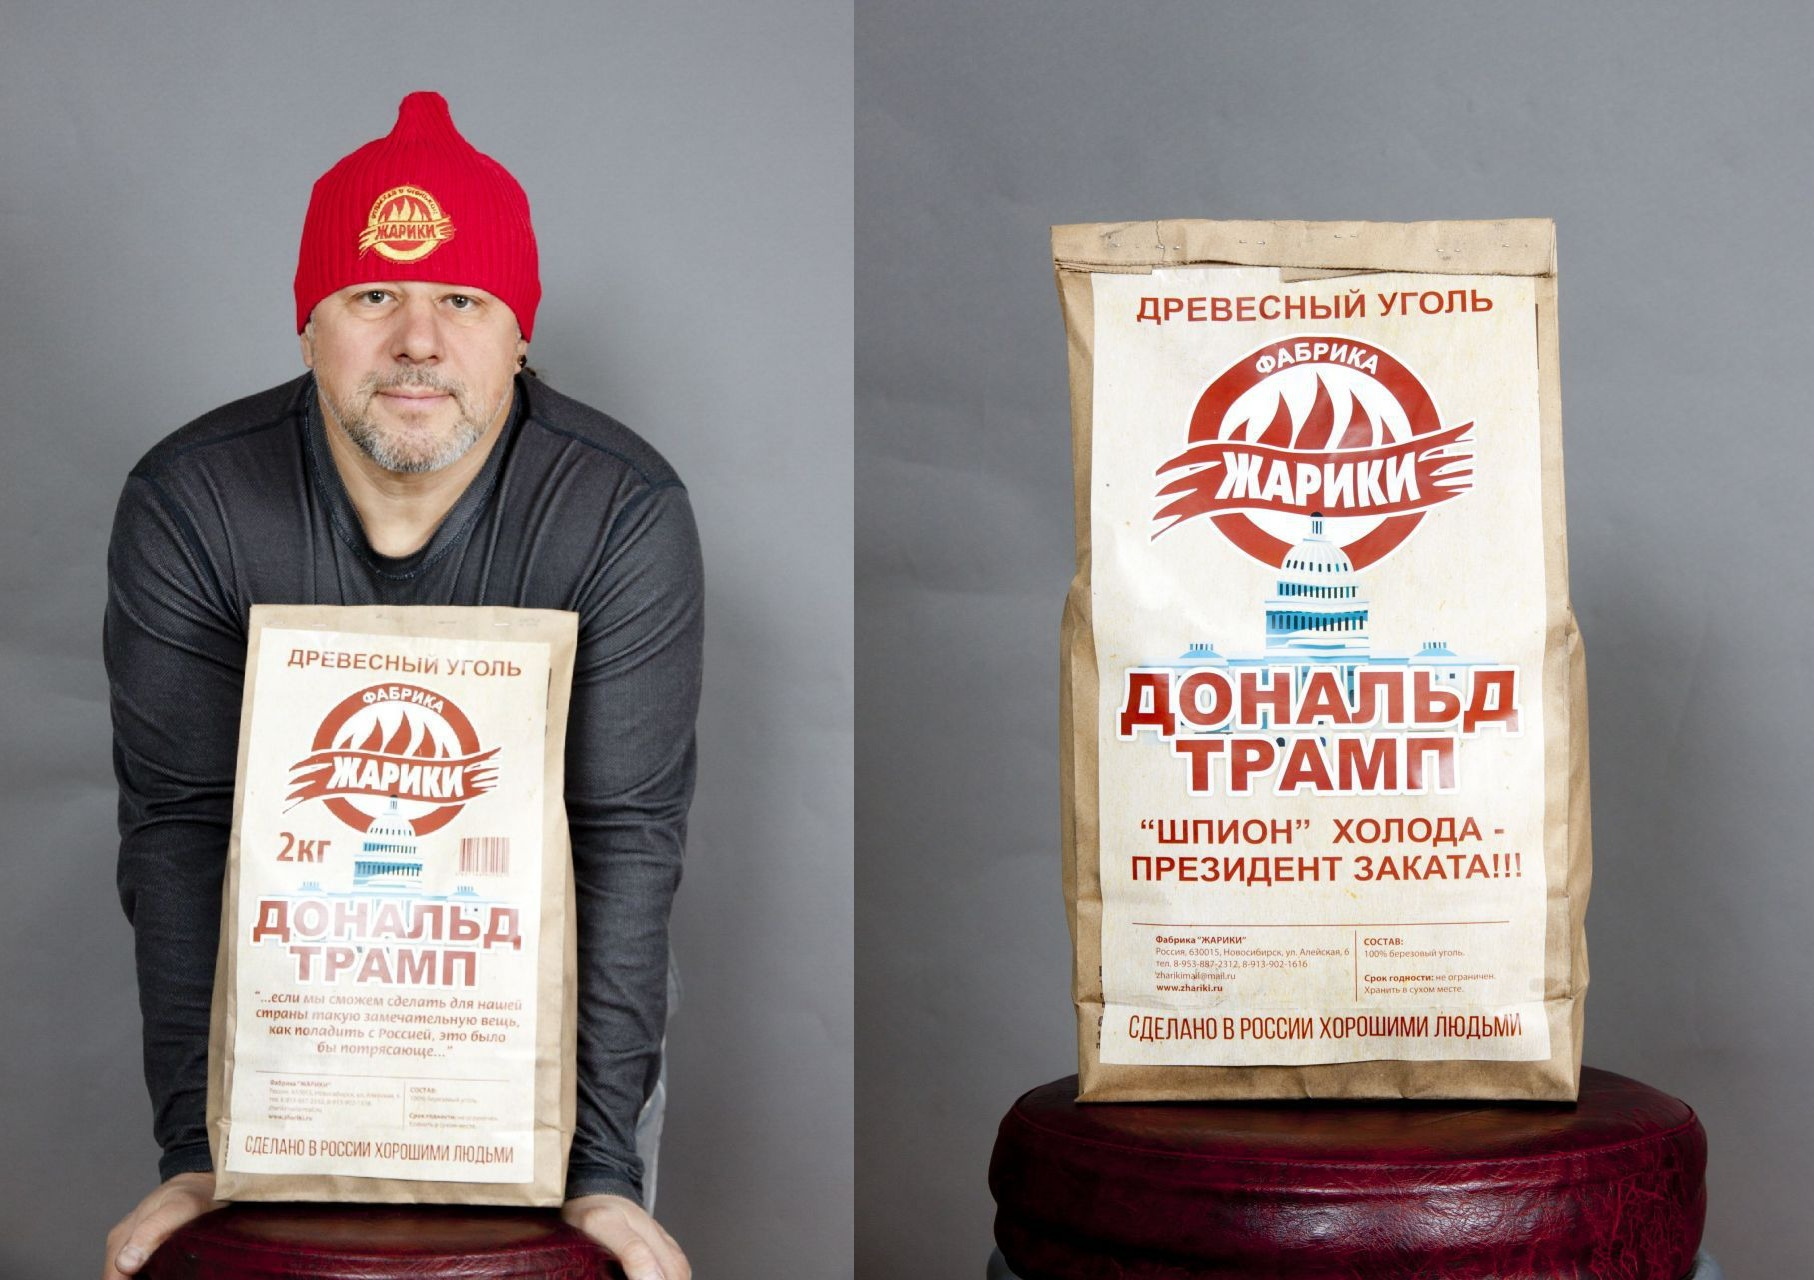 Два килограмма угля обойдутся новосибирцам в 135 рублей. Фото: предоставлено Дмитрием ДЕМИНЫМ